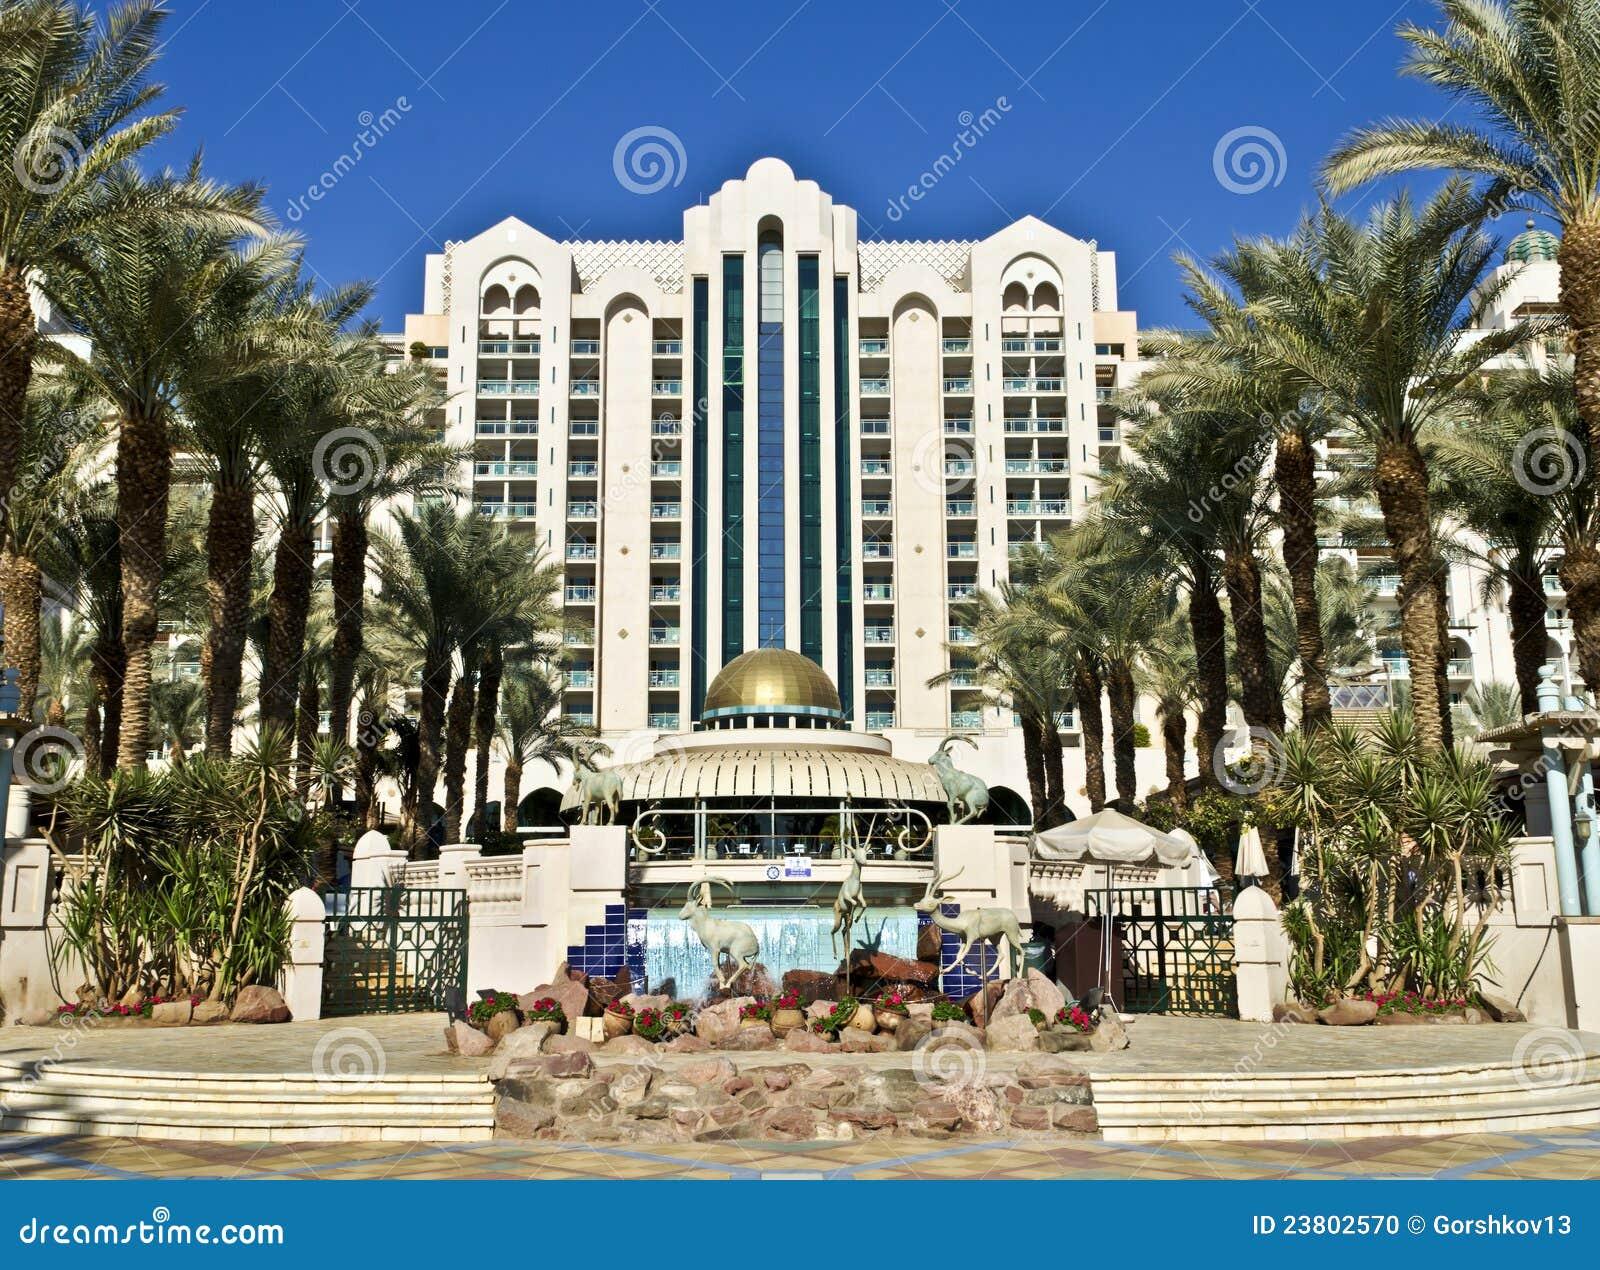 Facade of luxury hotel editorial image image 23802570 for Fachadas de hoteles de lujo